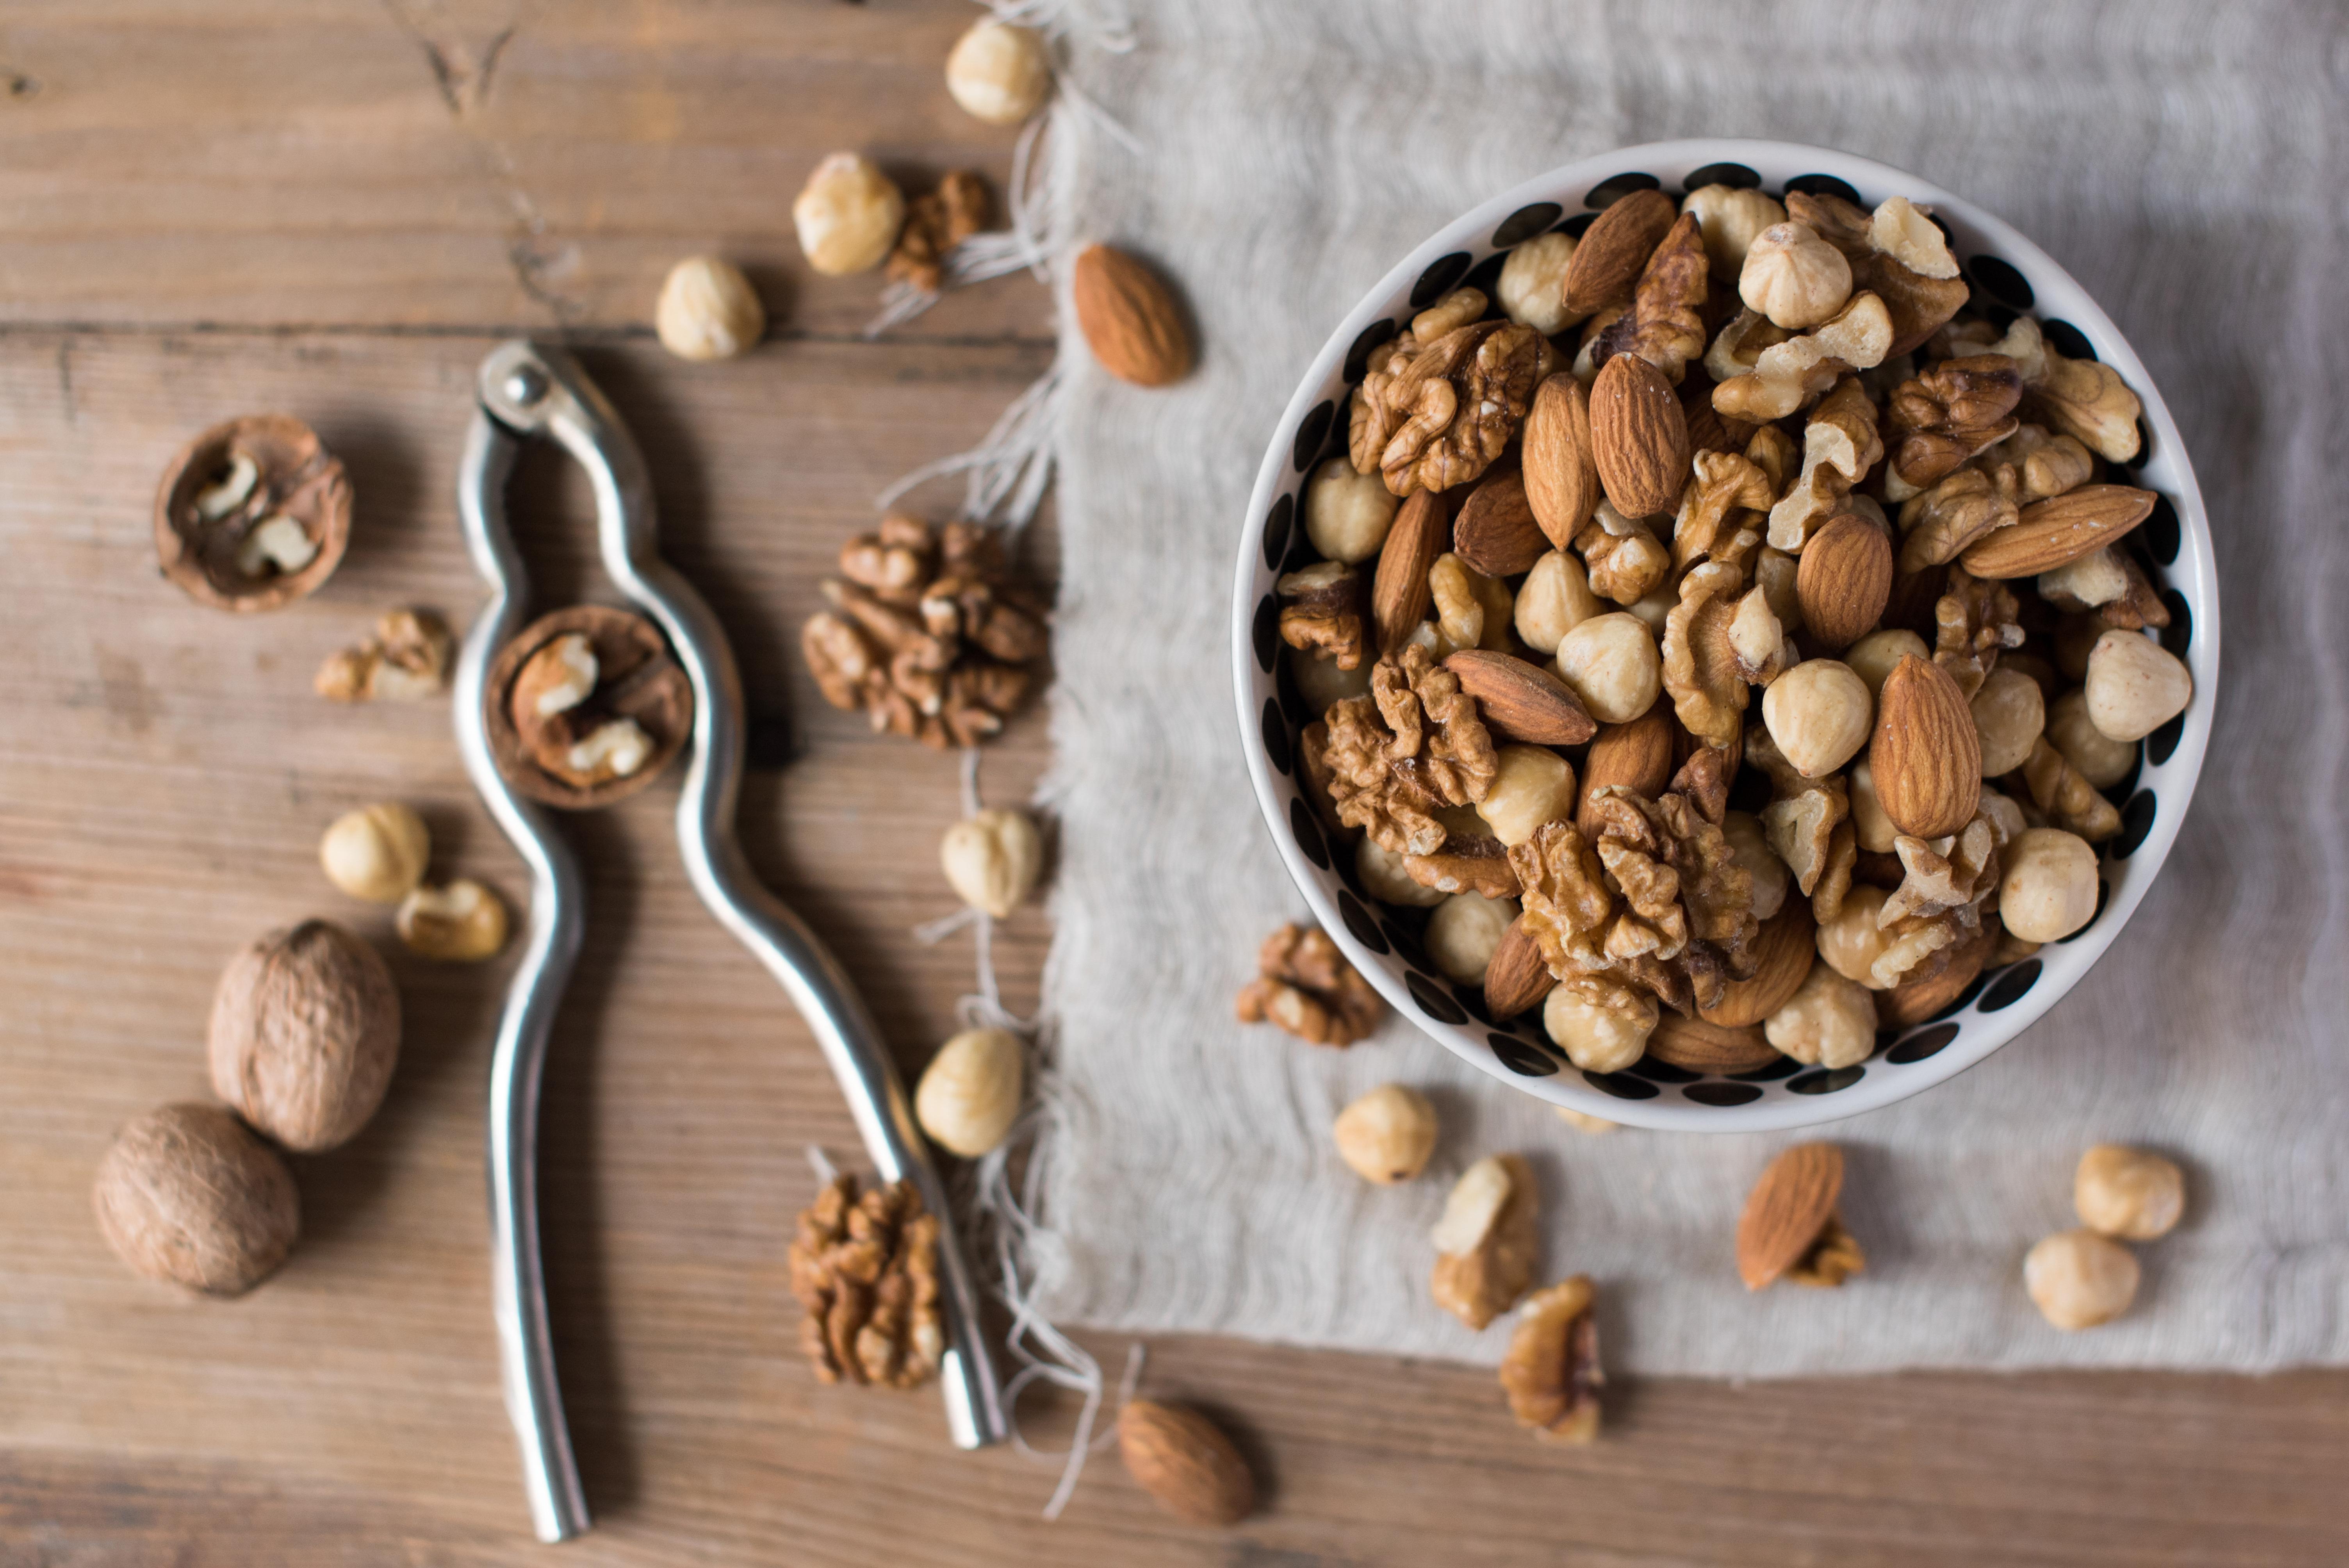 Image: Walnuts, almonds and hazelnuts